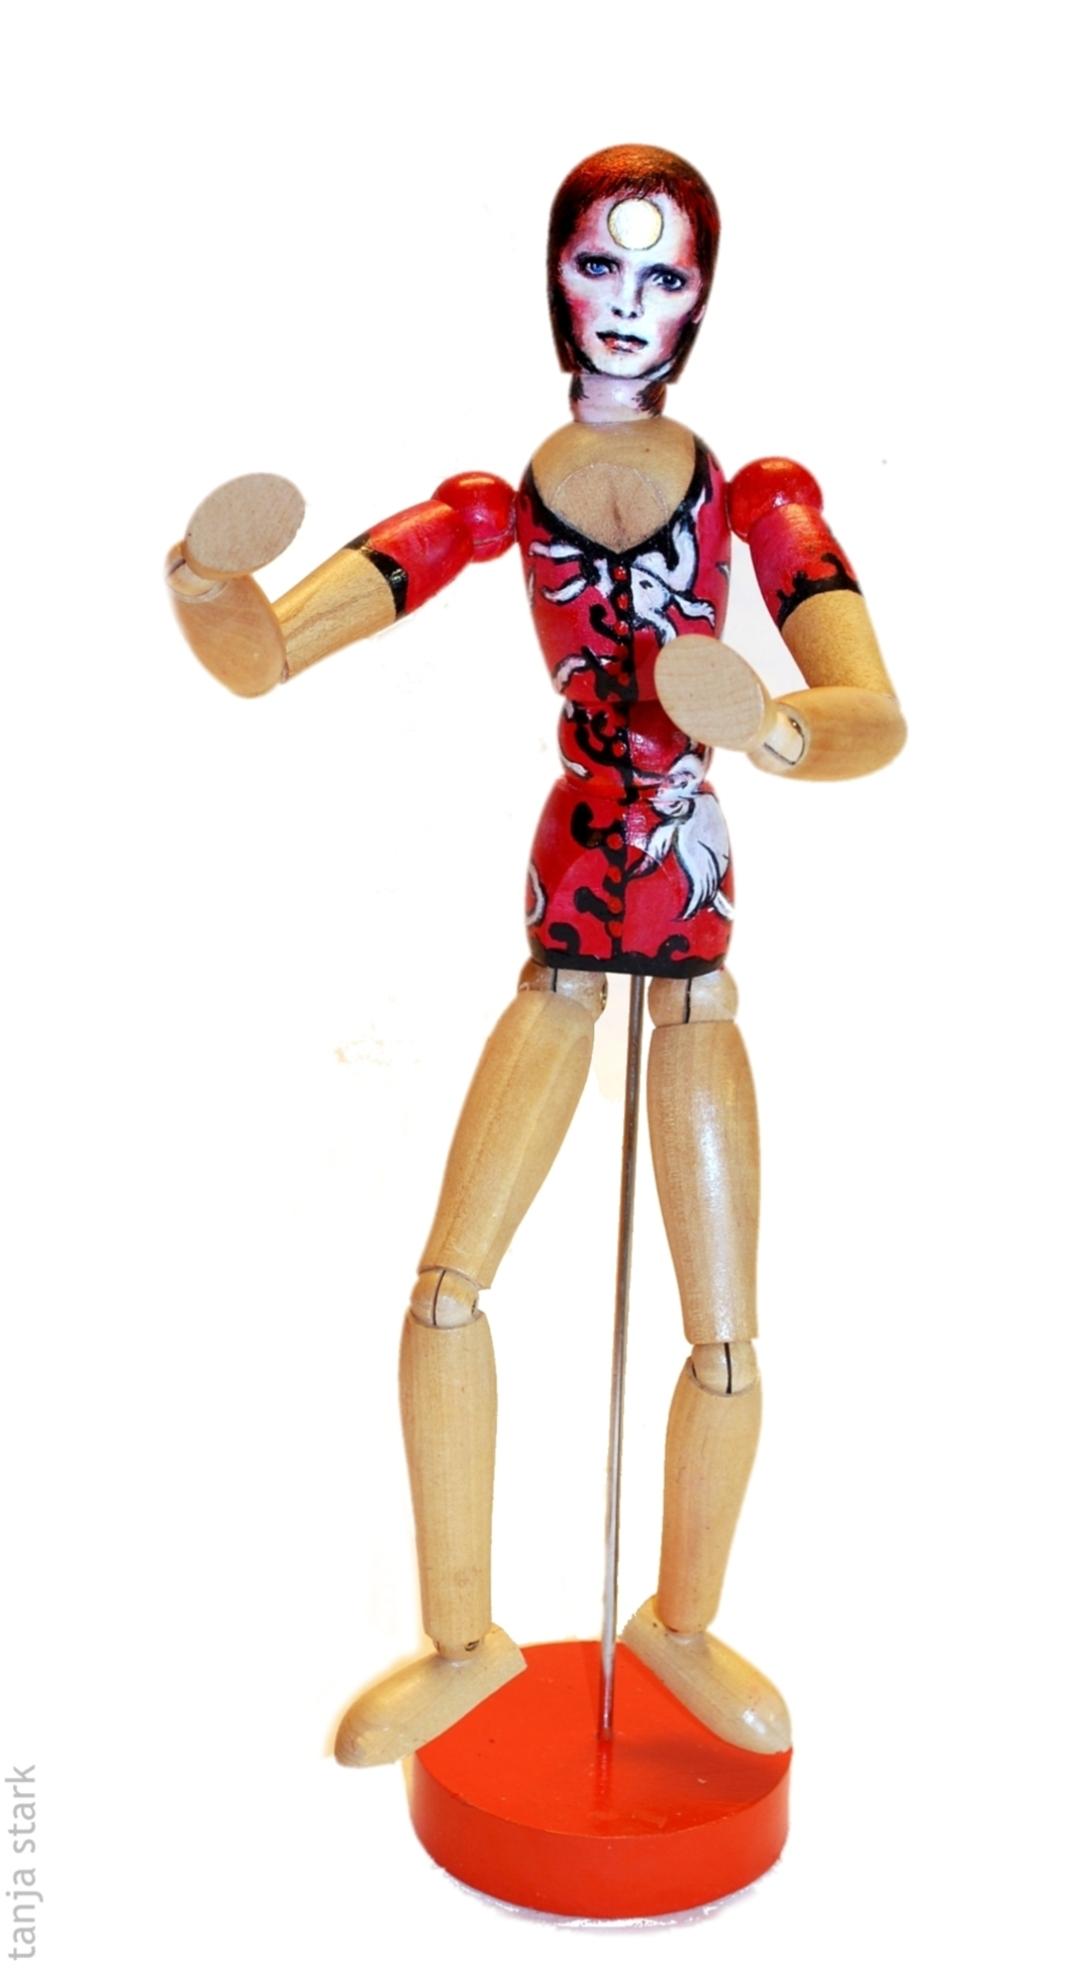 Miming Ziggy Stardust Pop Art Mannequin